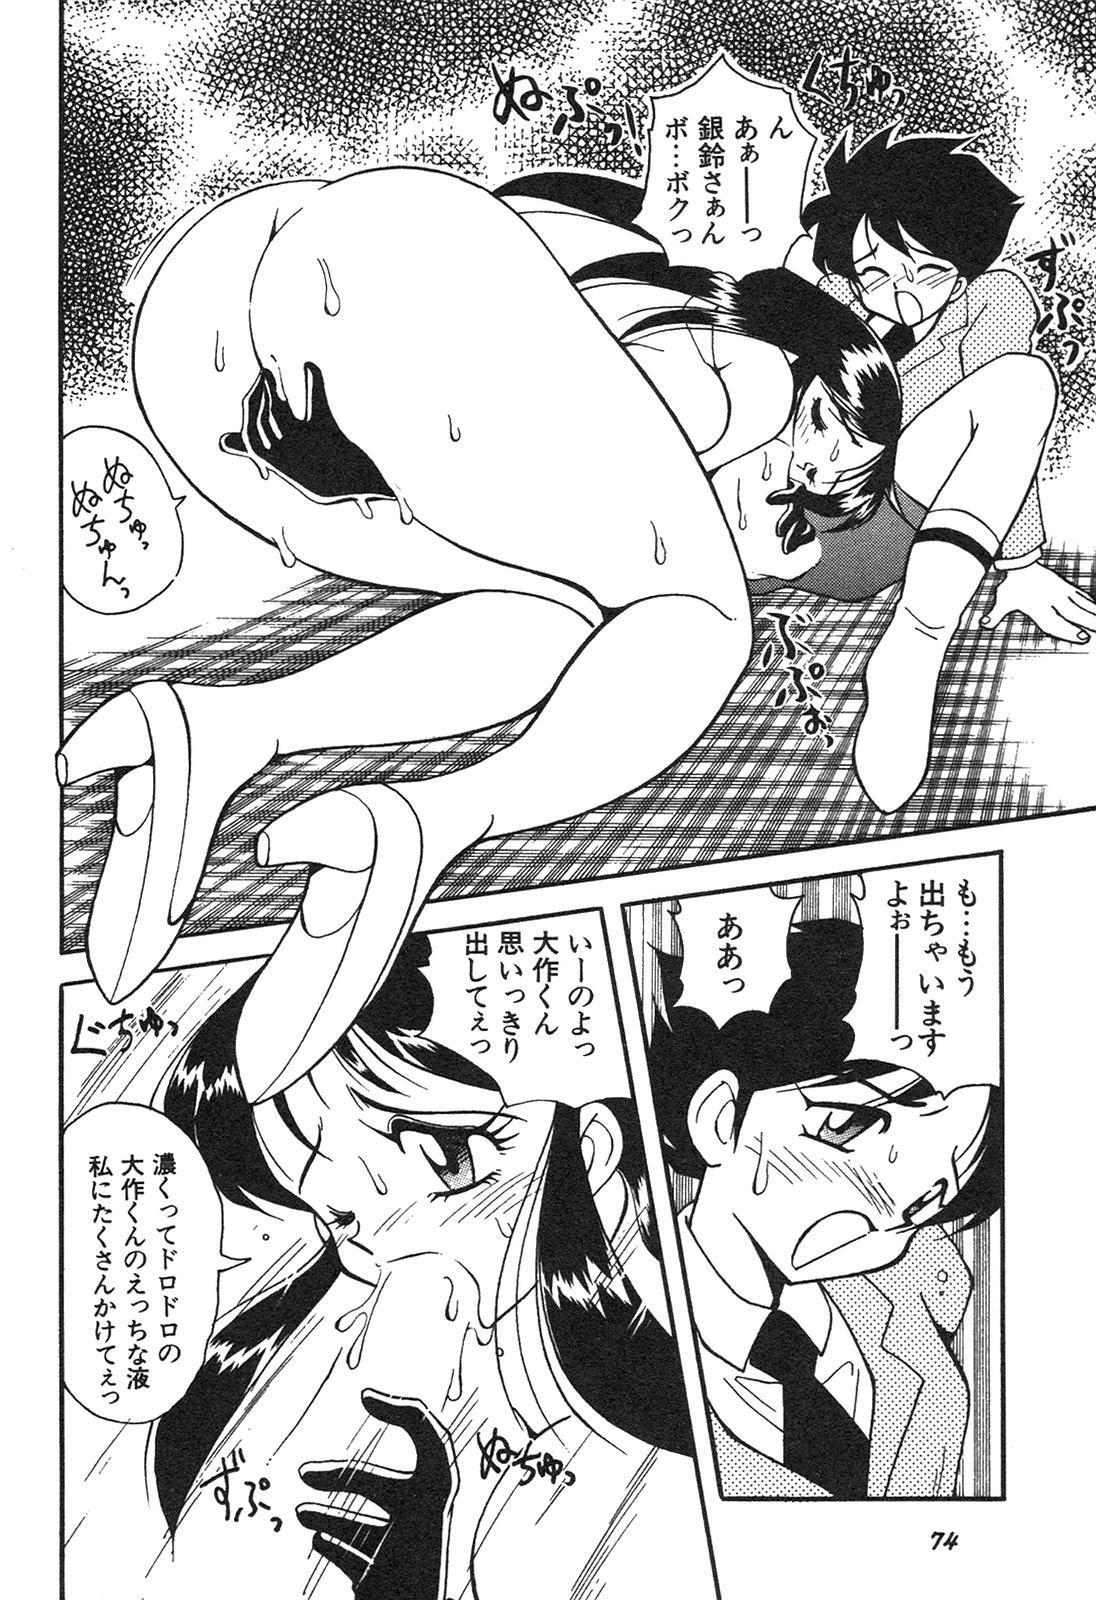 Shin Bishoujo Shoukougun 3 Yamato hen 74